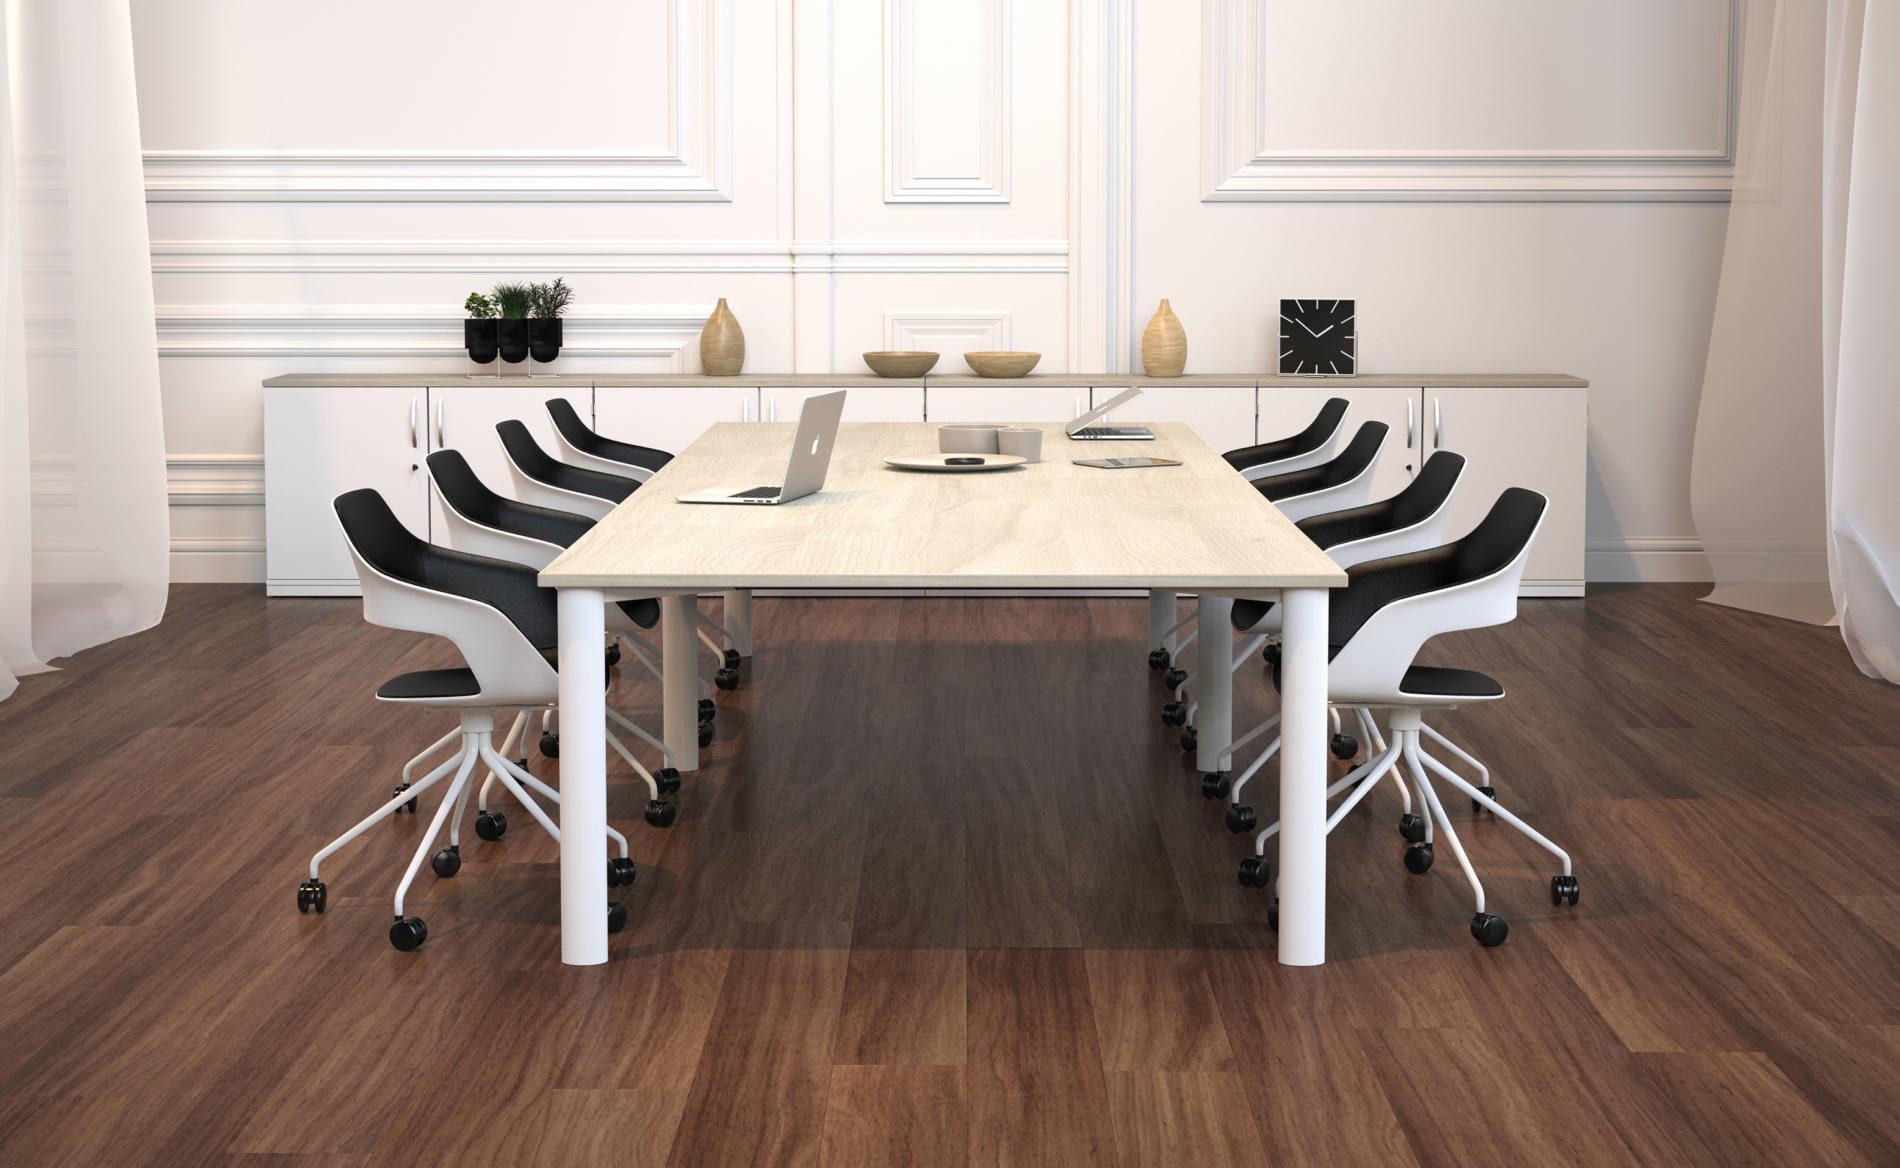 Konferenztisch für 8-10 Personen (Palmberg)